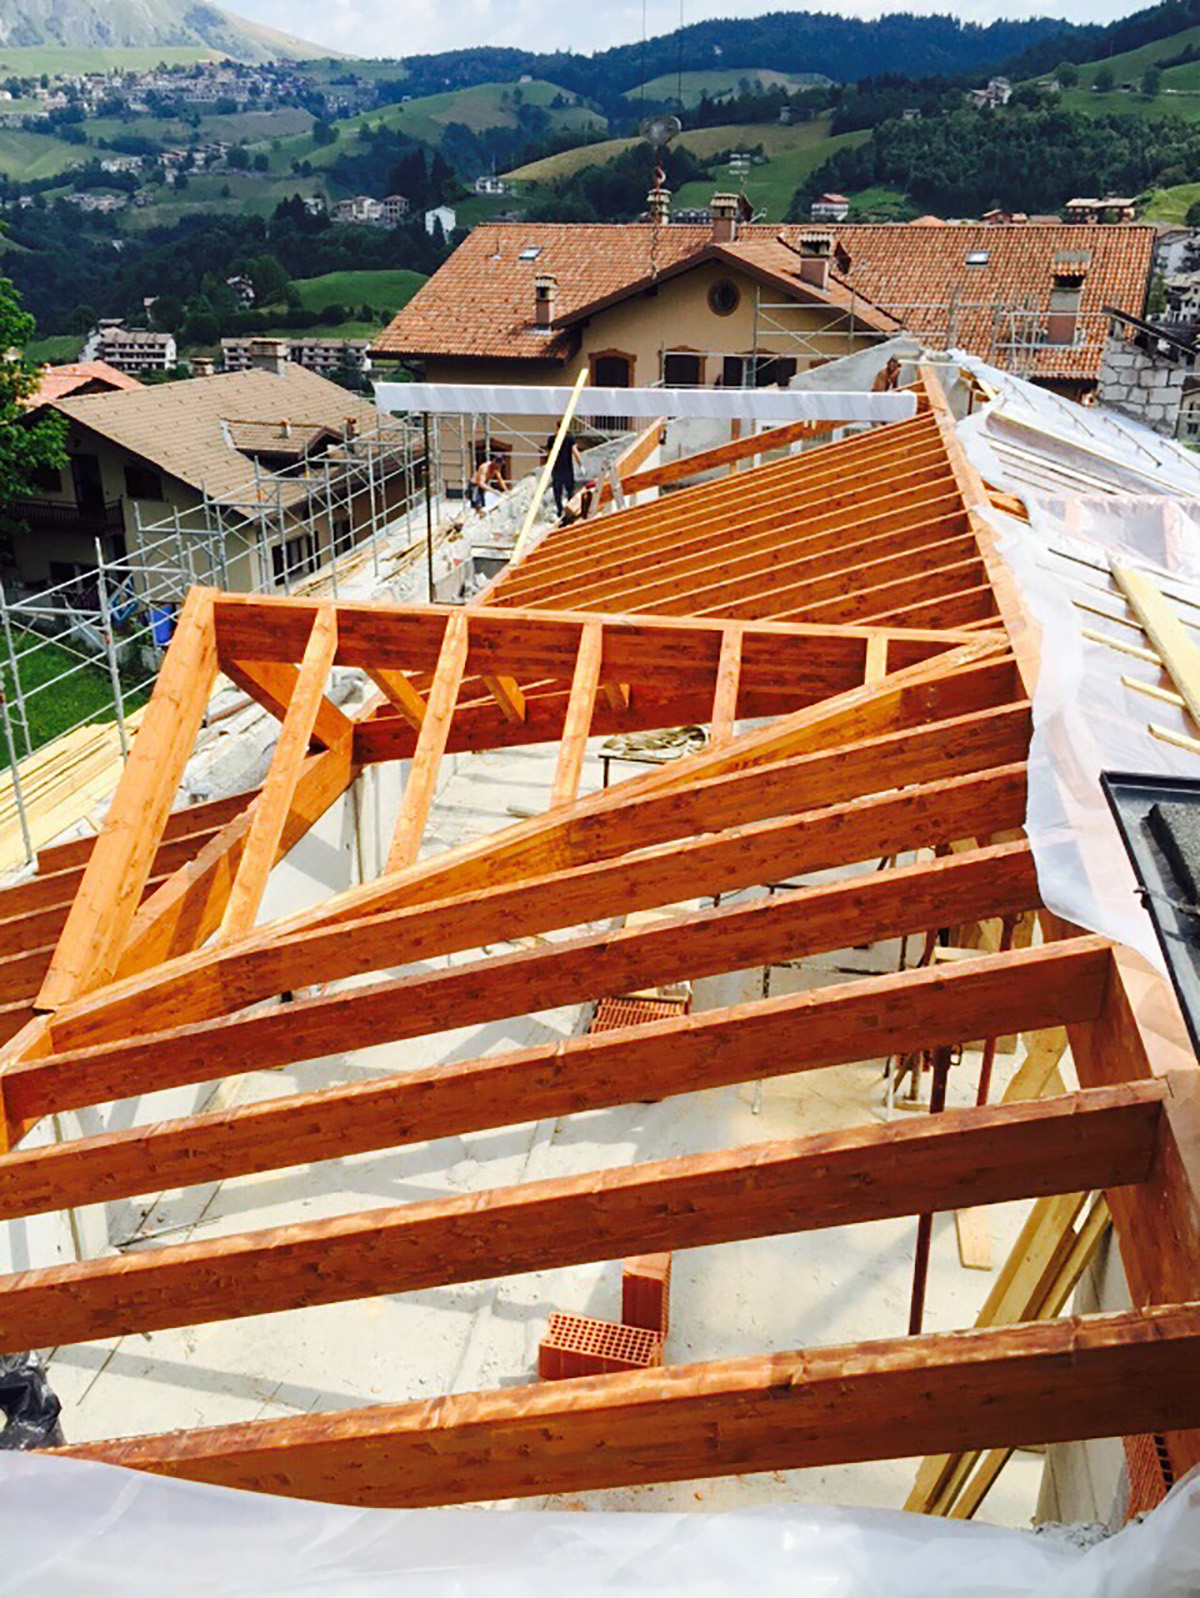 Perico-Renato-Oltre il Colle (BG) - Scuola comunale - Manutenzione straordinaria 6